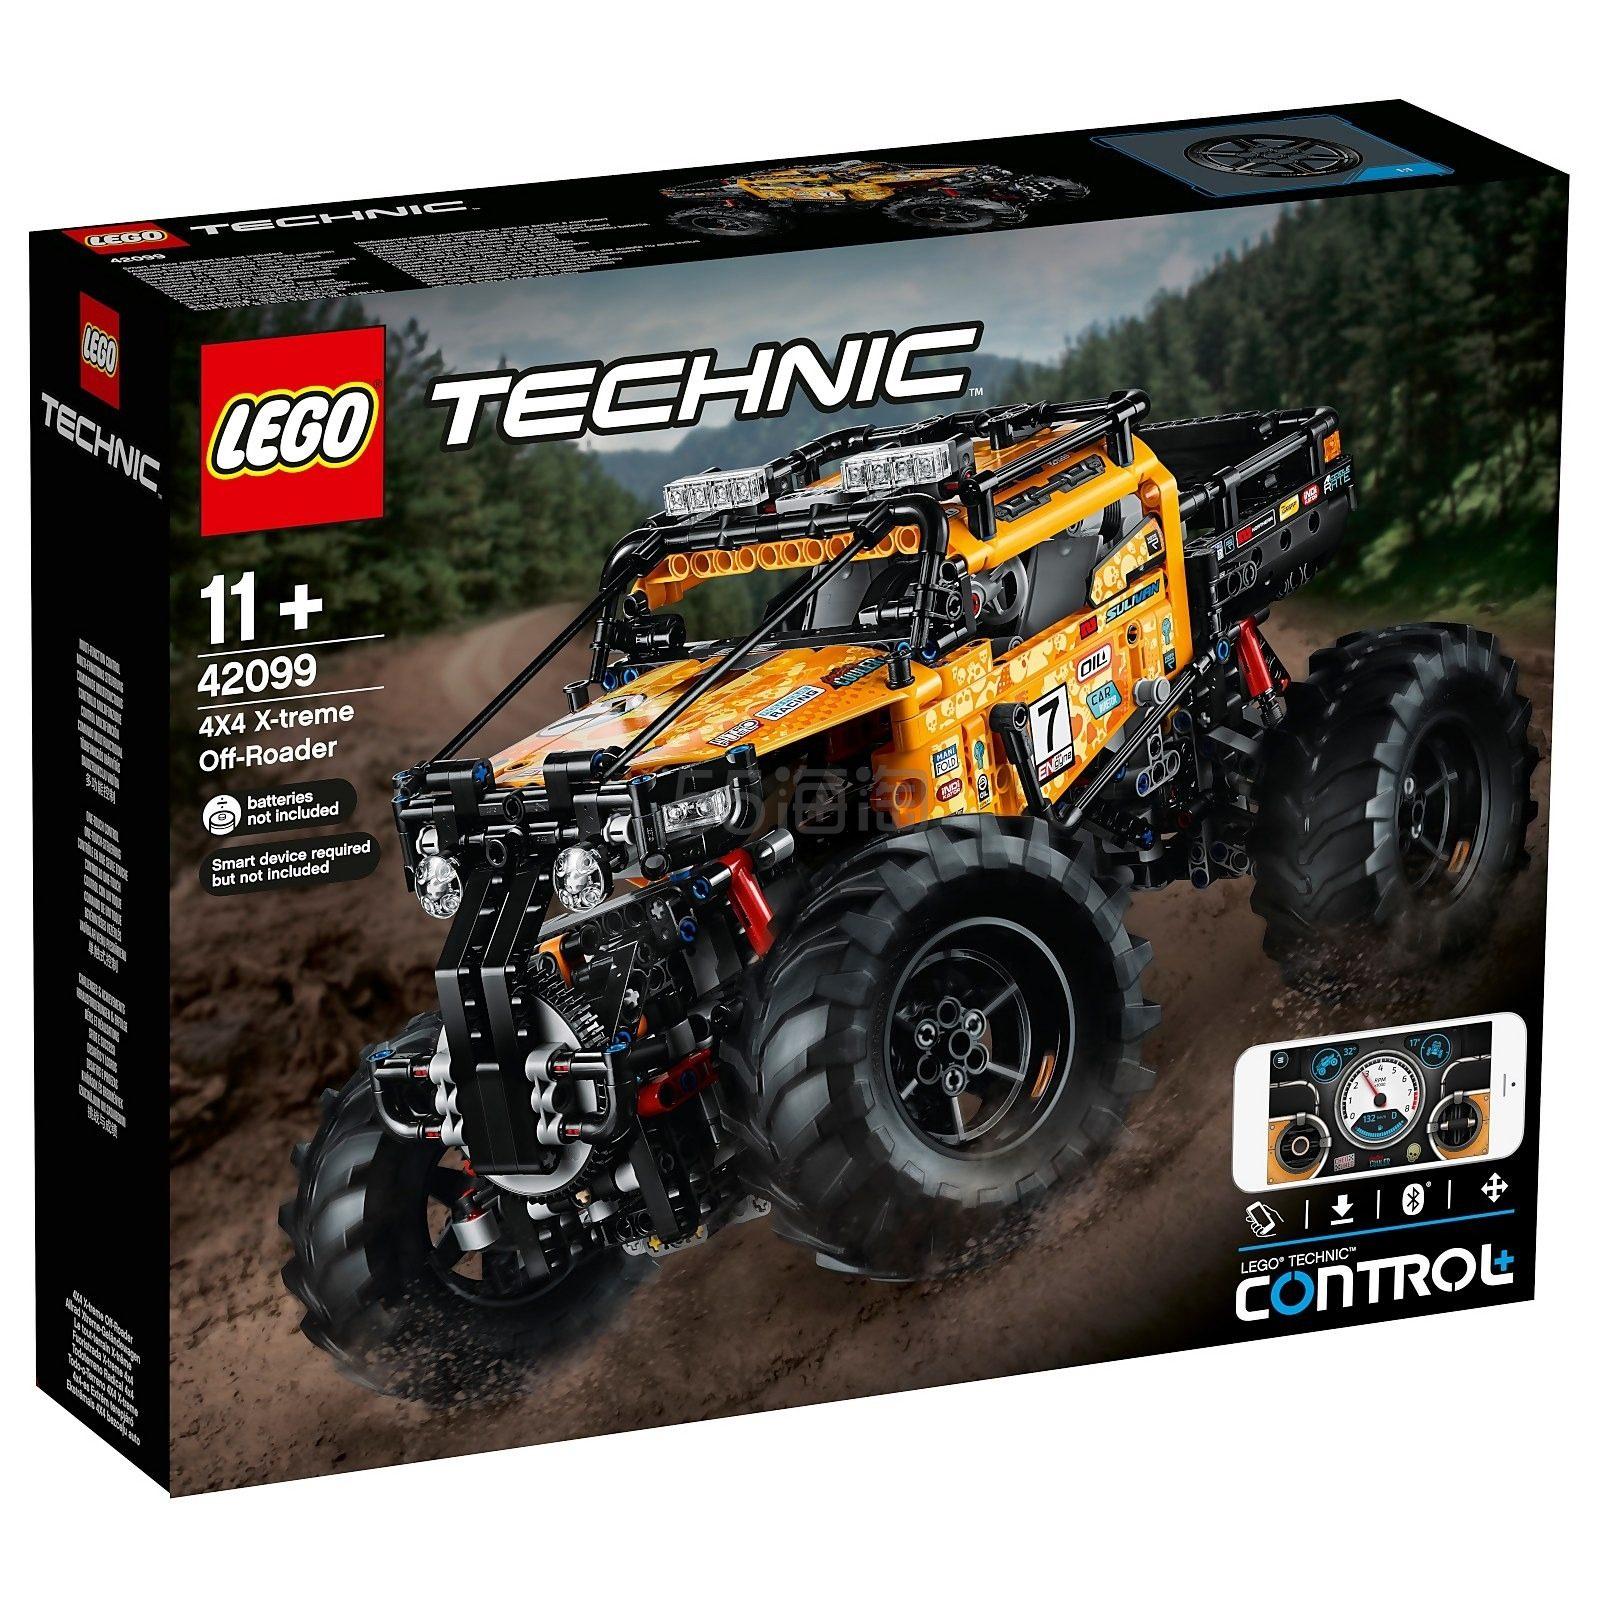 LEGO 乐高 科技系列 全新智能遥控四驱越野车42099